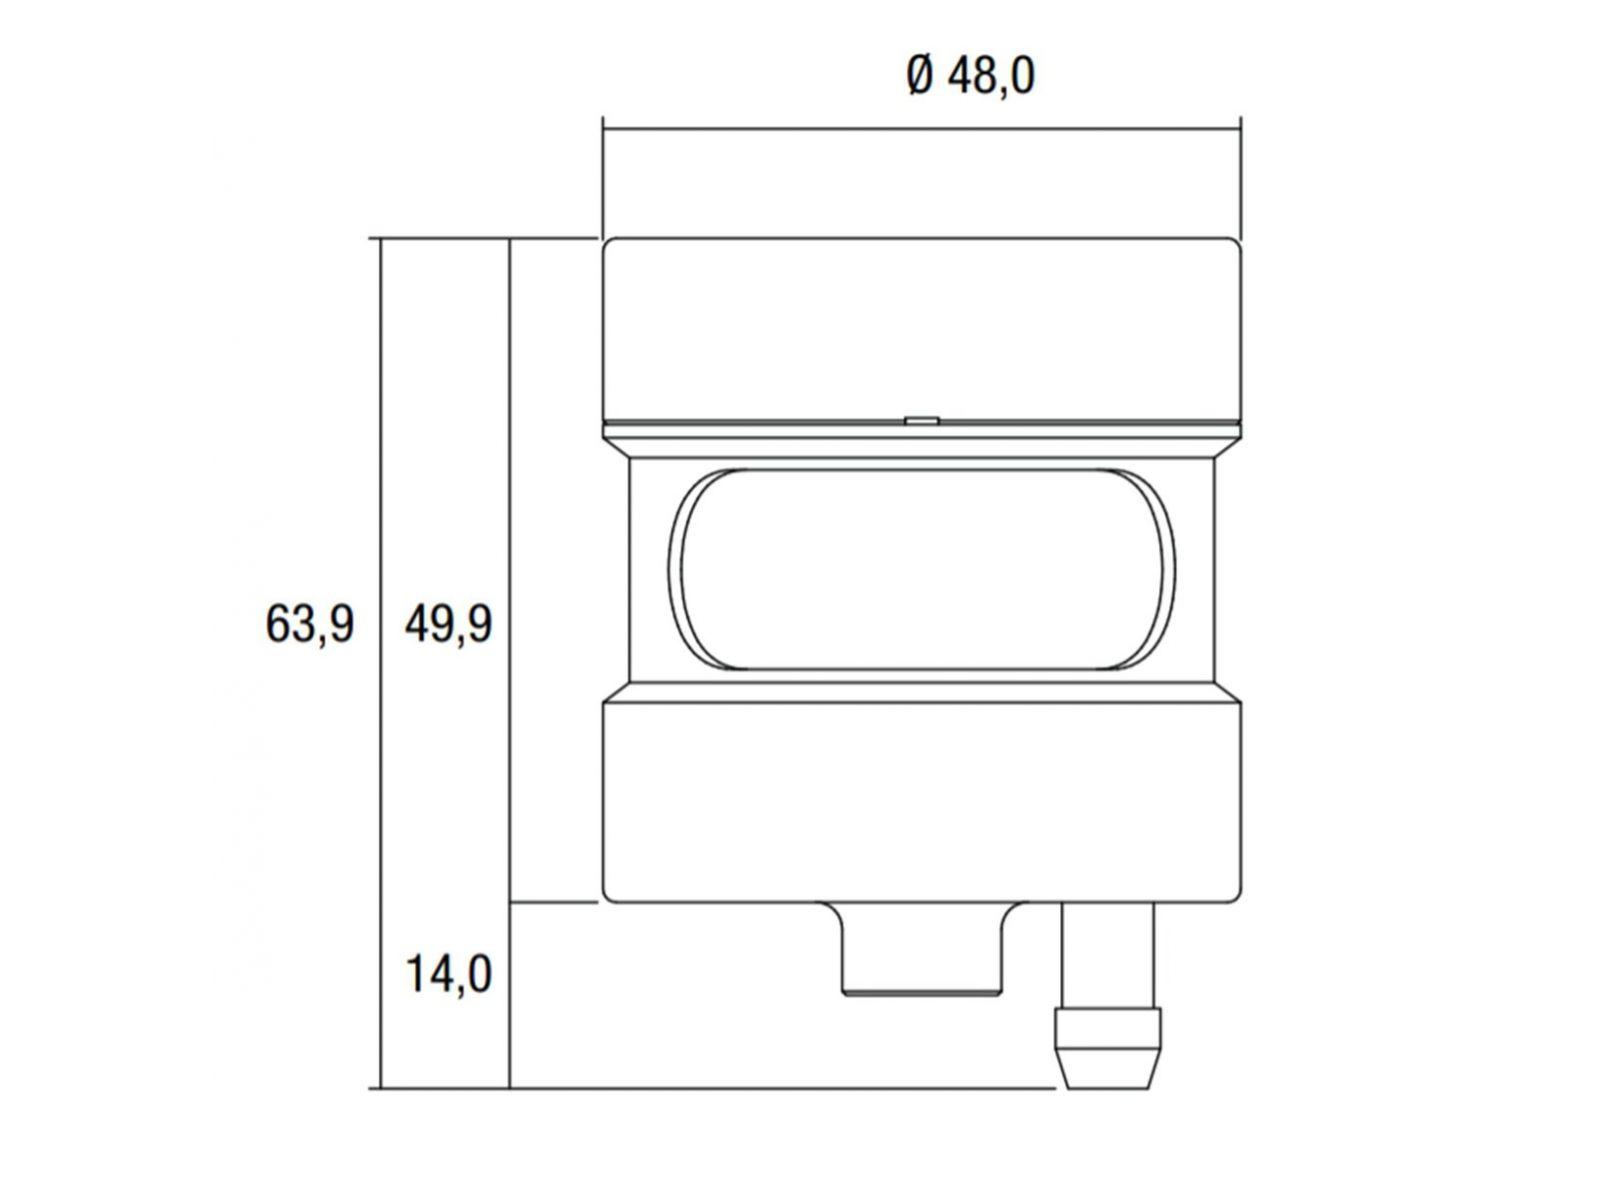 Передний тормозной бачок LighTech OBT001NER Black 31см3